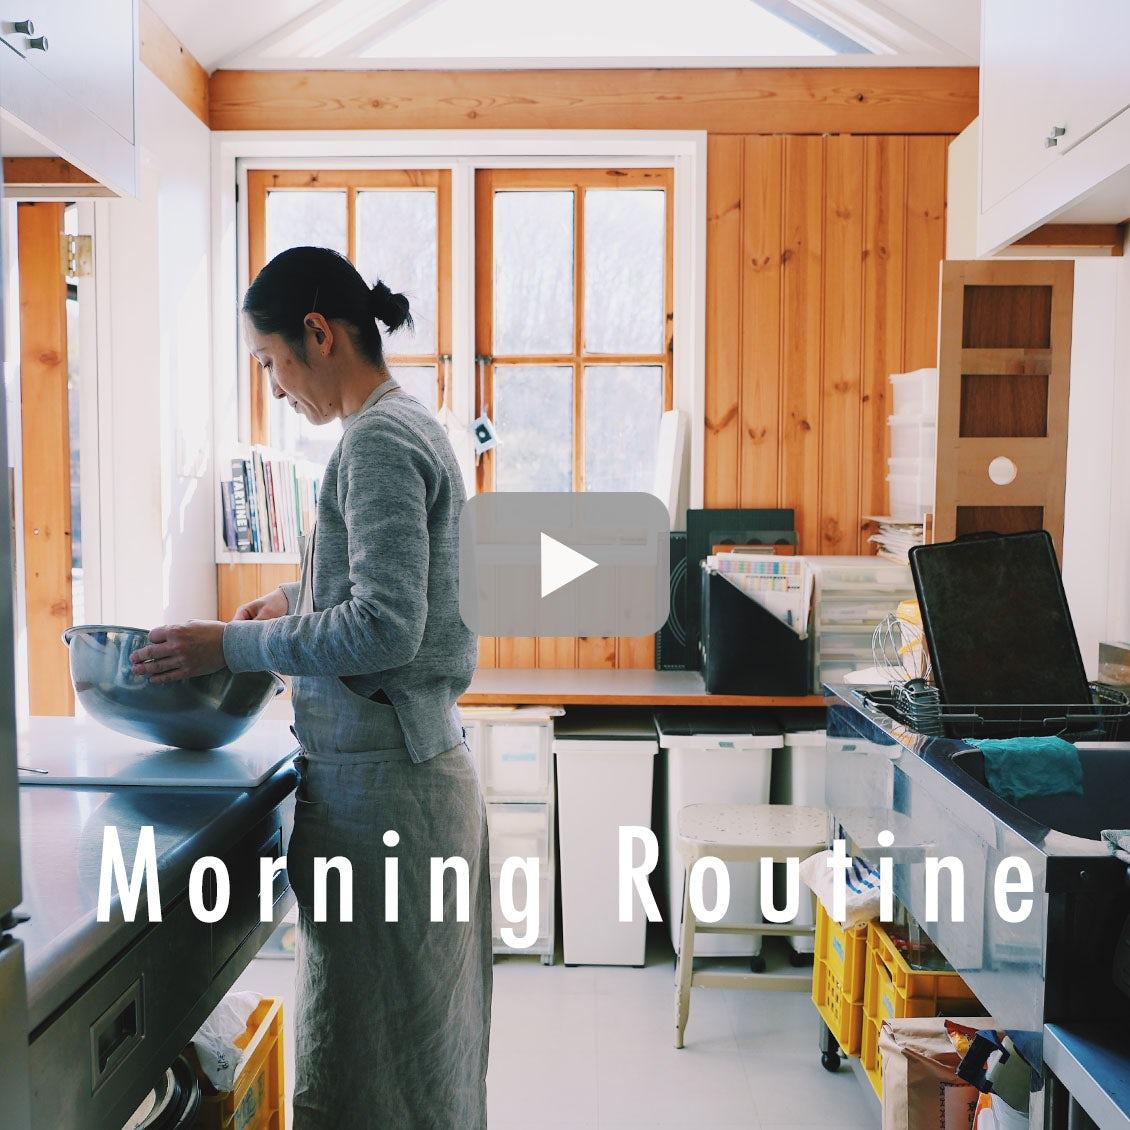 【わたしの朝習慣】ストーブの前でコーヒータイム。築70年、山付き一戸建ての朝時間